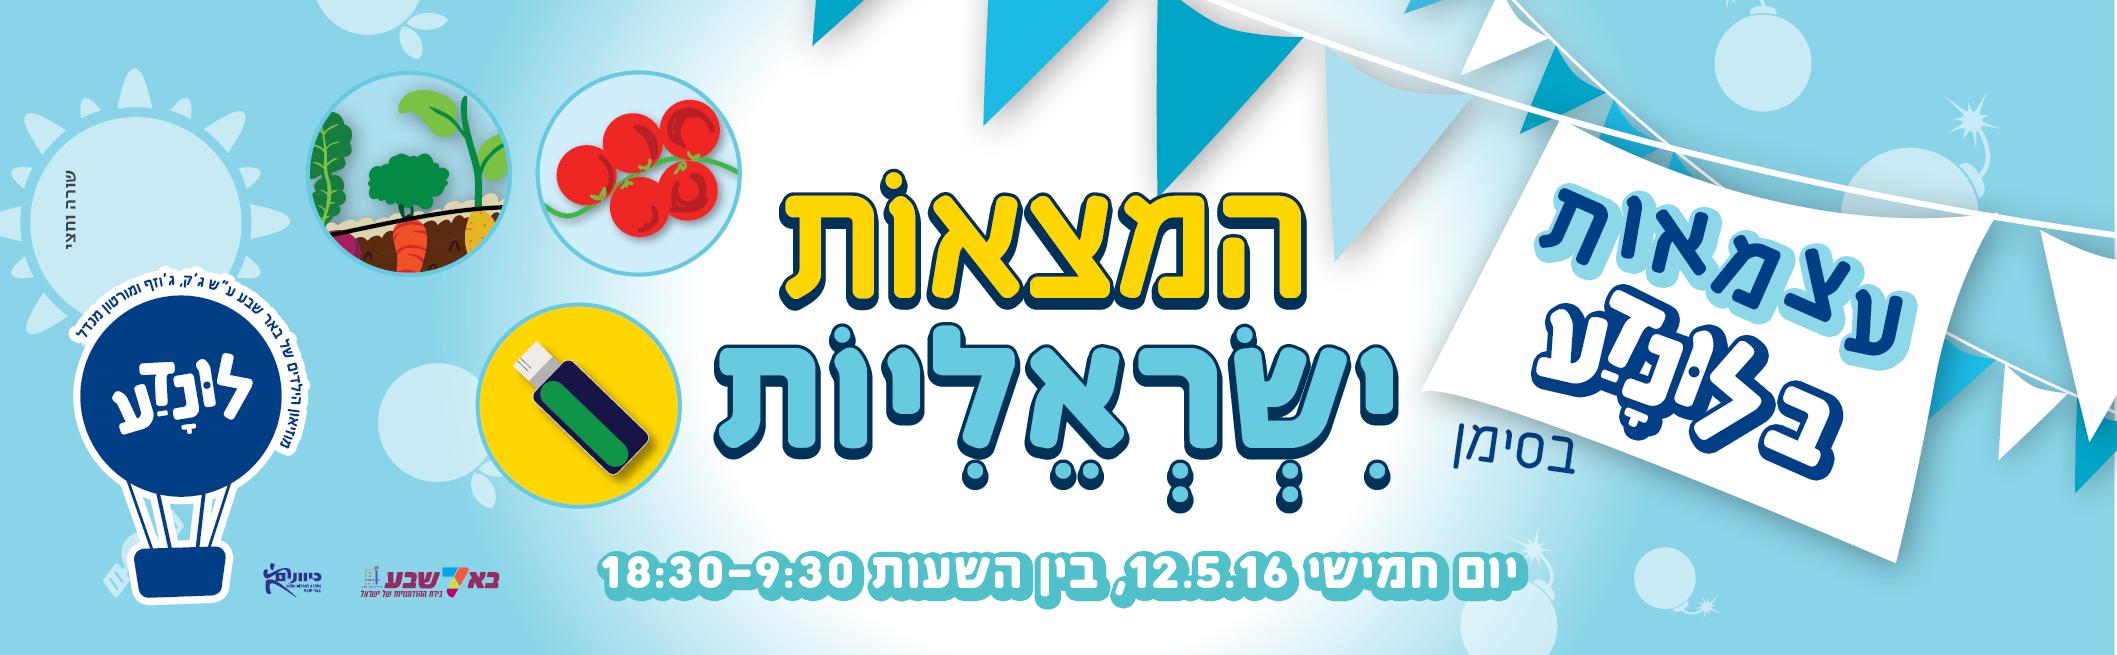 עצמאות בלונדע – המצאות ישראליות